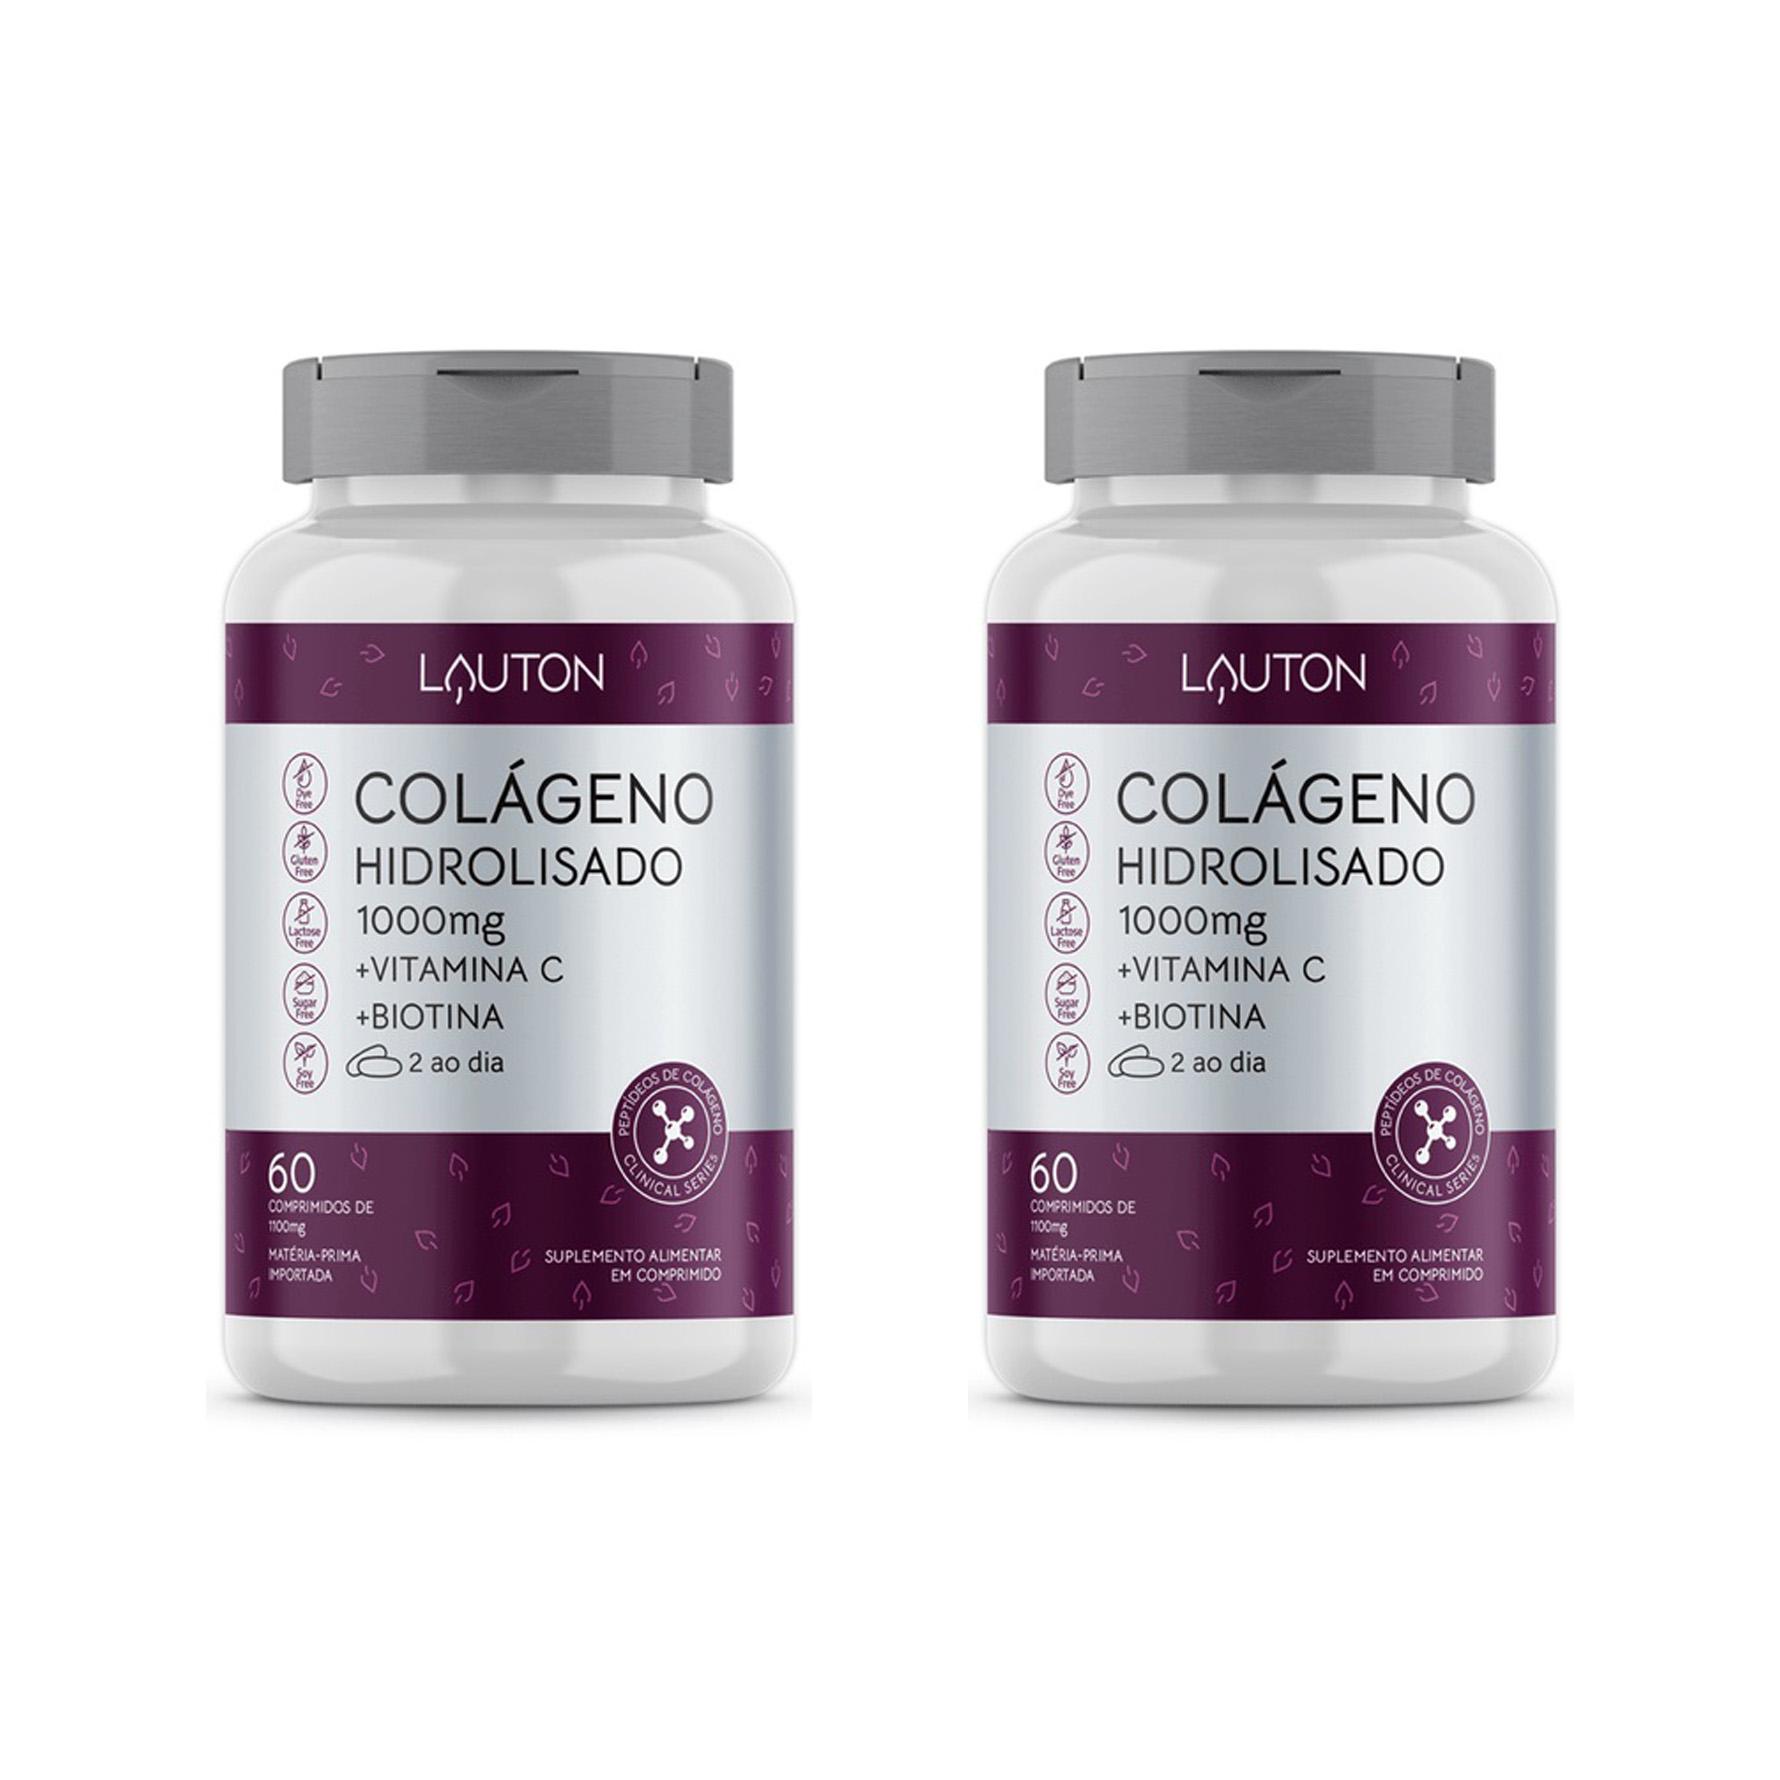 Colágeno Hidrolisado 1000mg - 60 Comprimidos - Lauton Nutrition (2 Unidades)